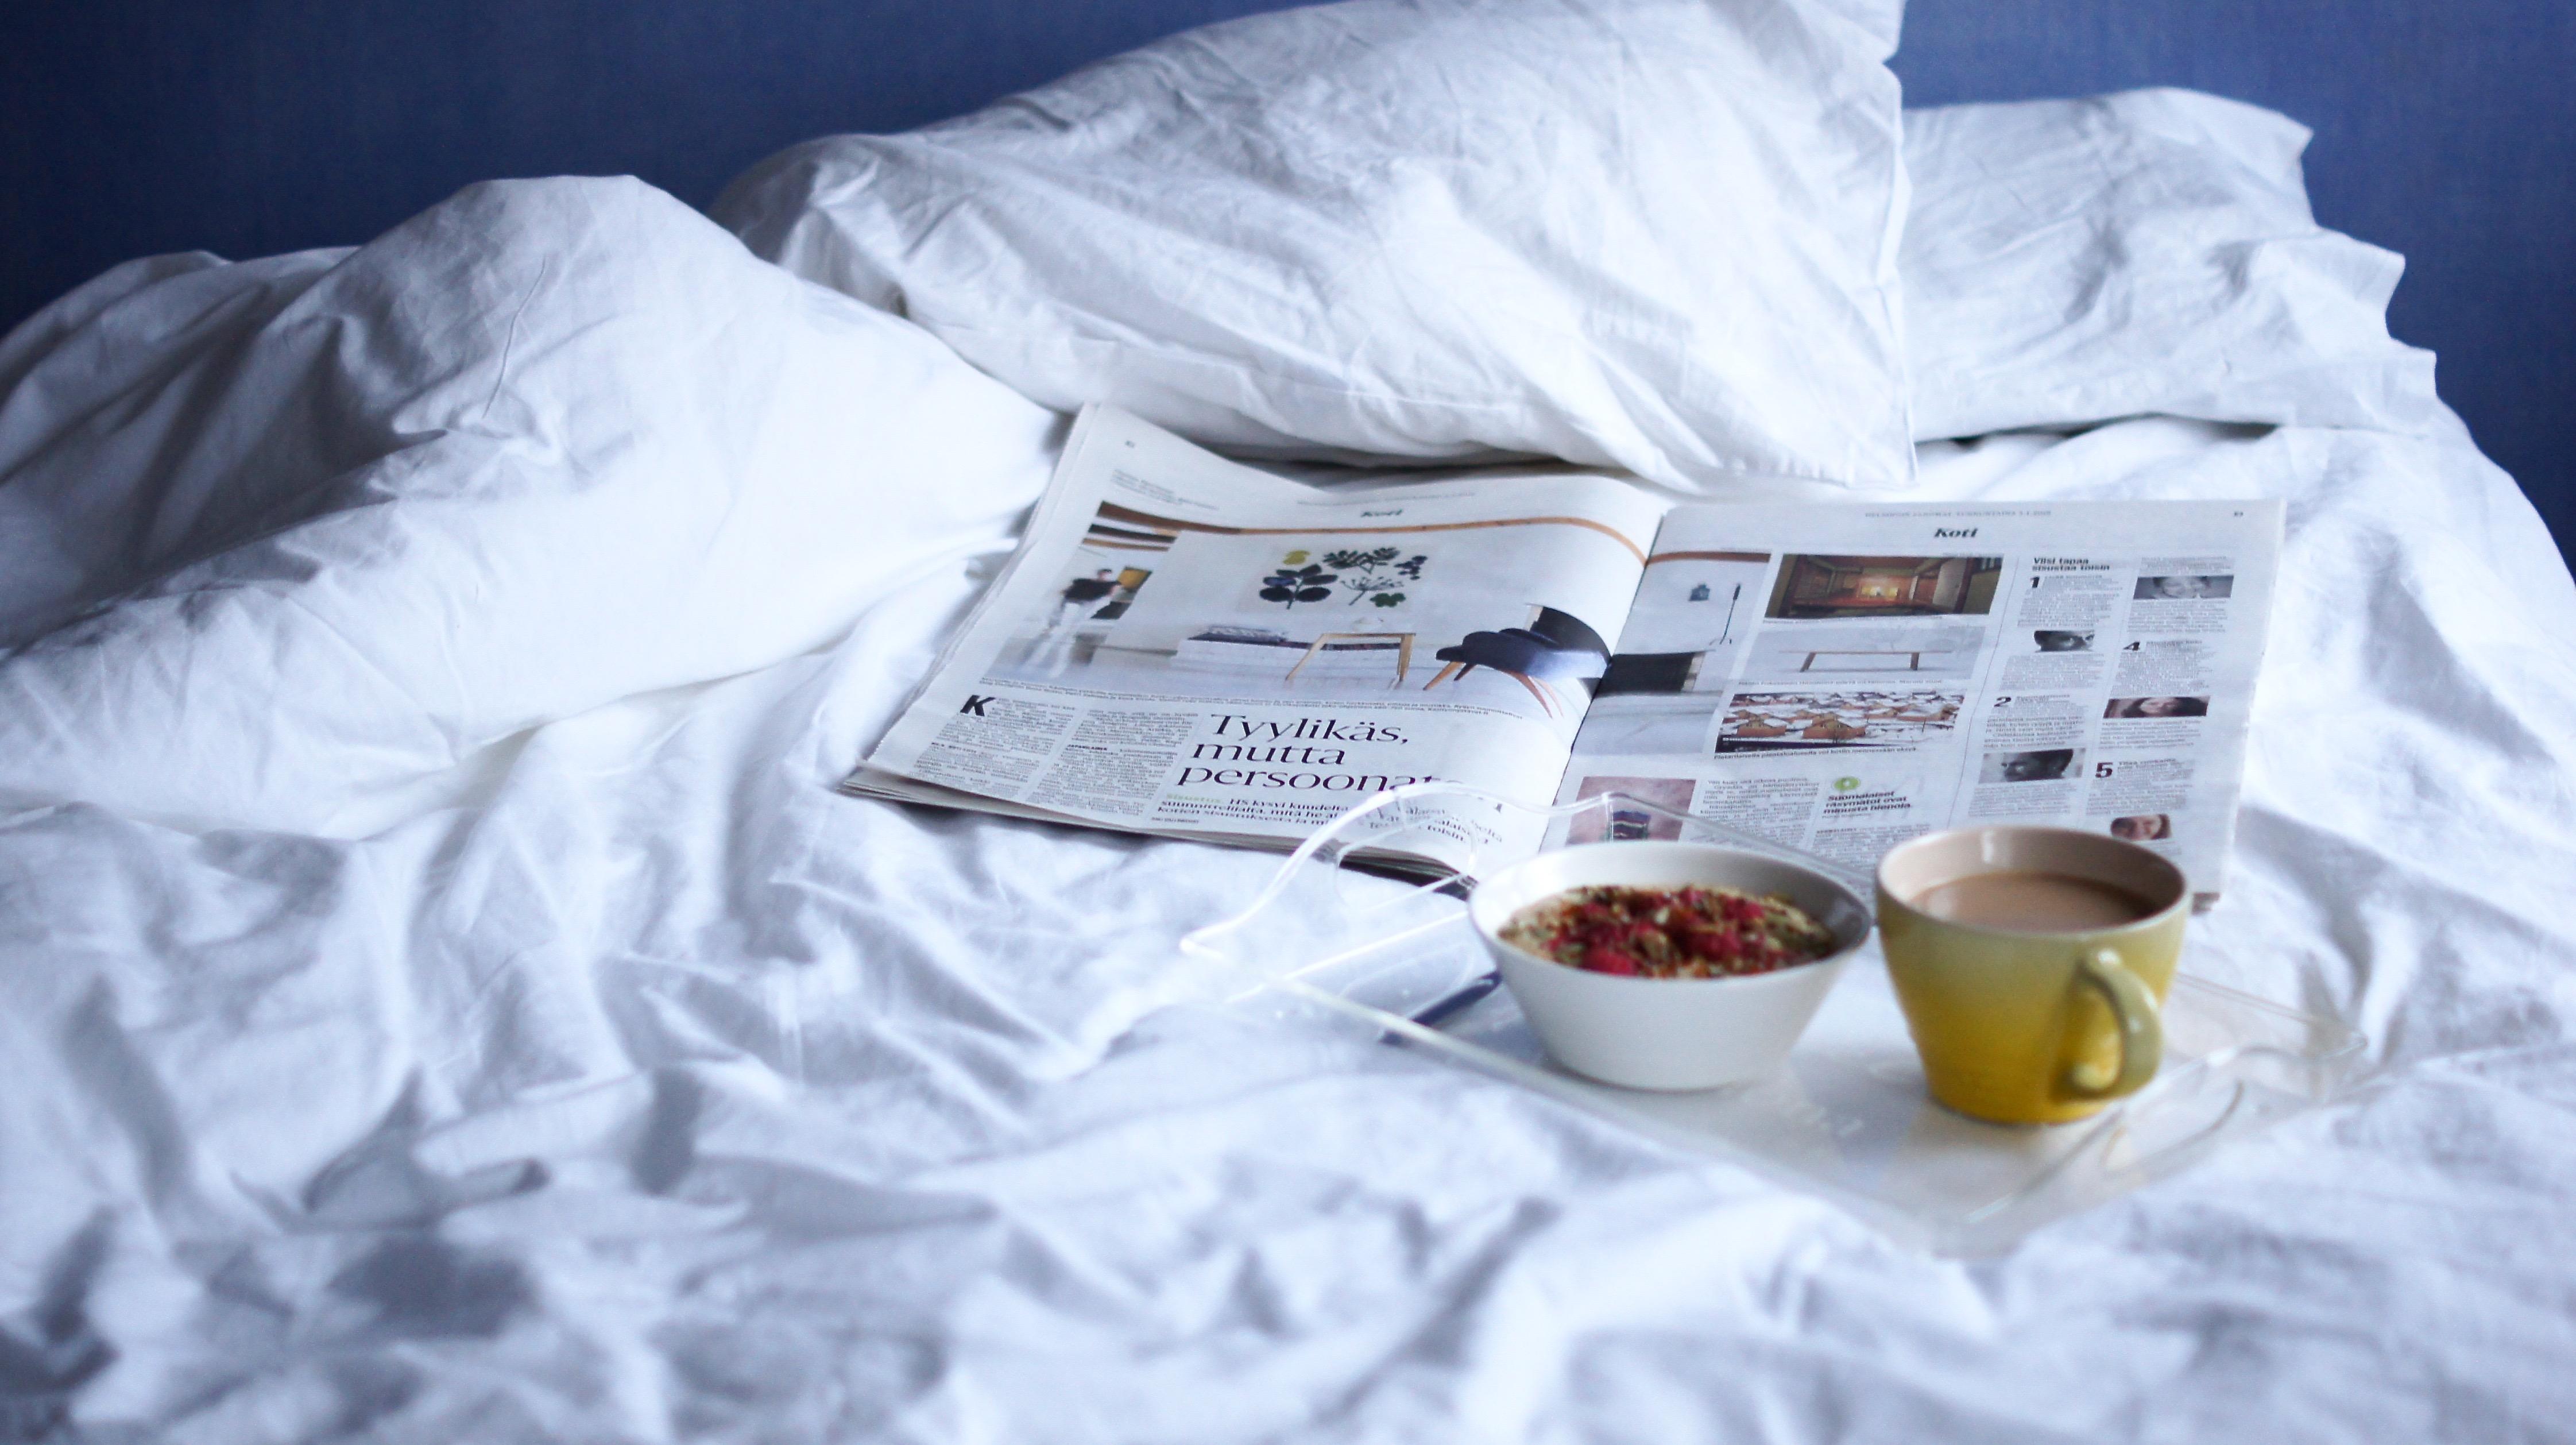 Loma-aamiainen